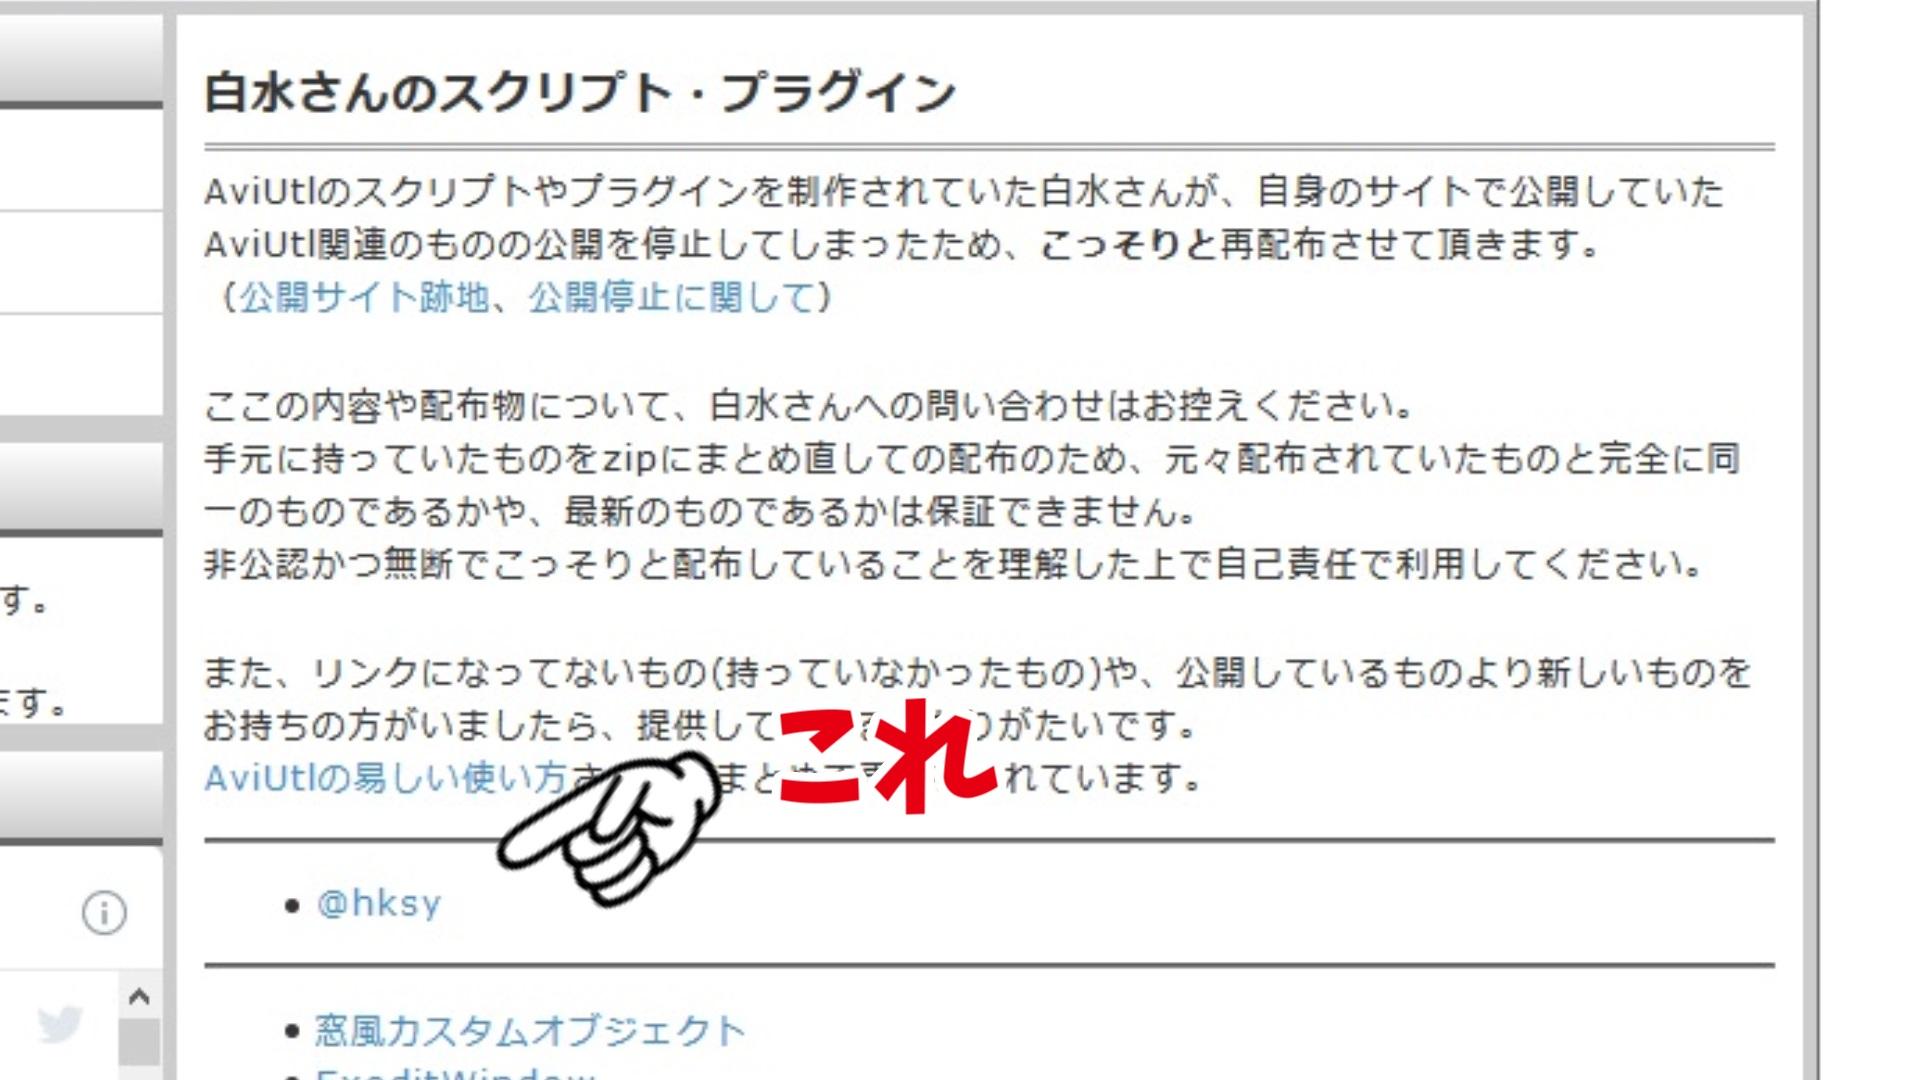 AviUtlで任天堂Switchのロゴを再現してみた【exo配布有り】角丸四角形のスクリプトのダウンロードできるHPの紹介。